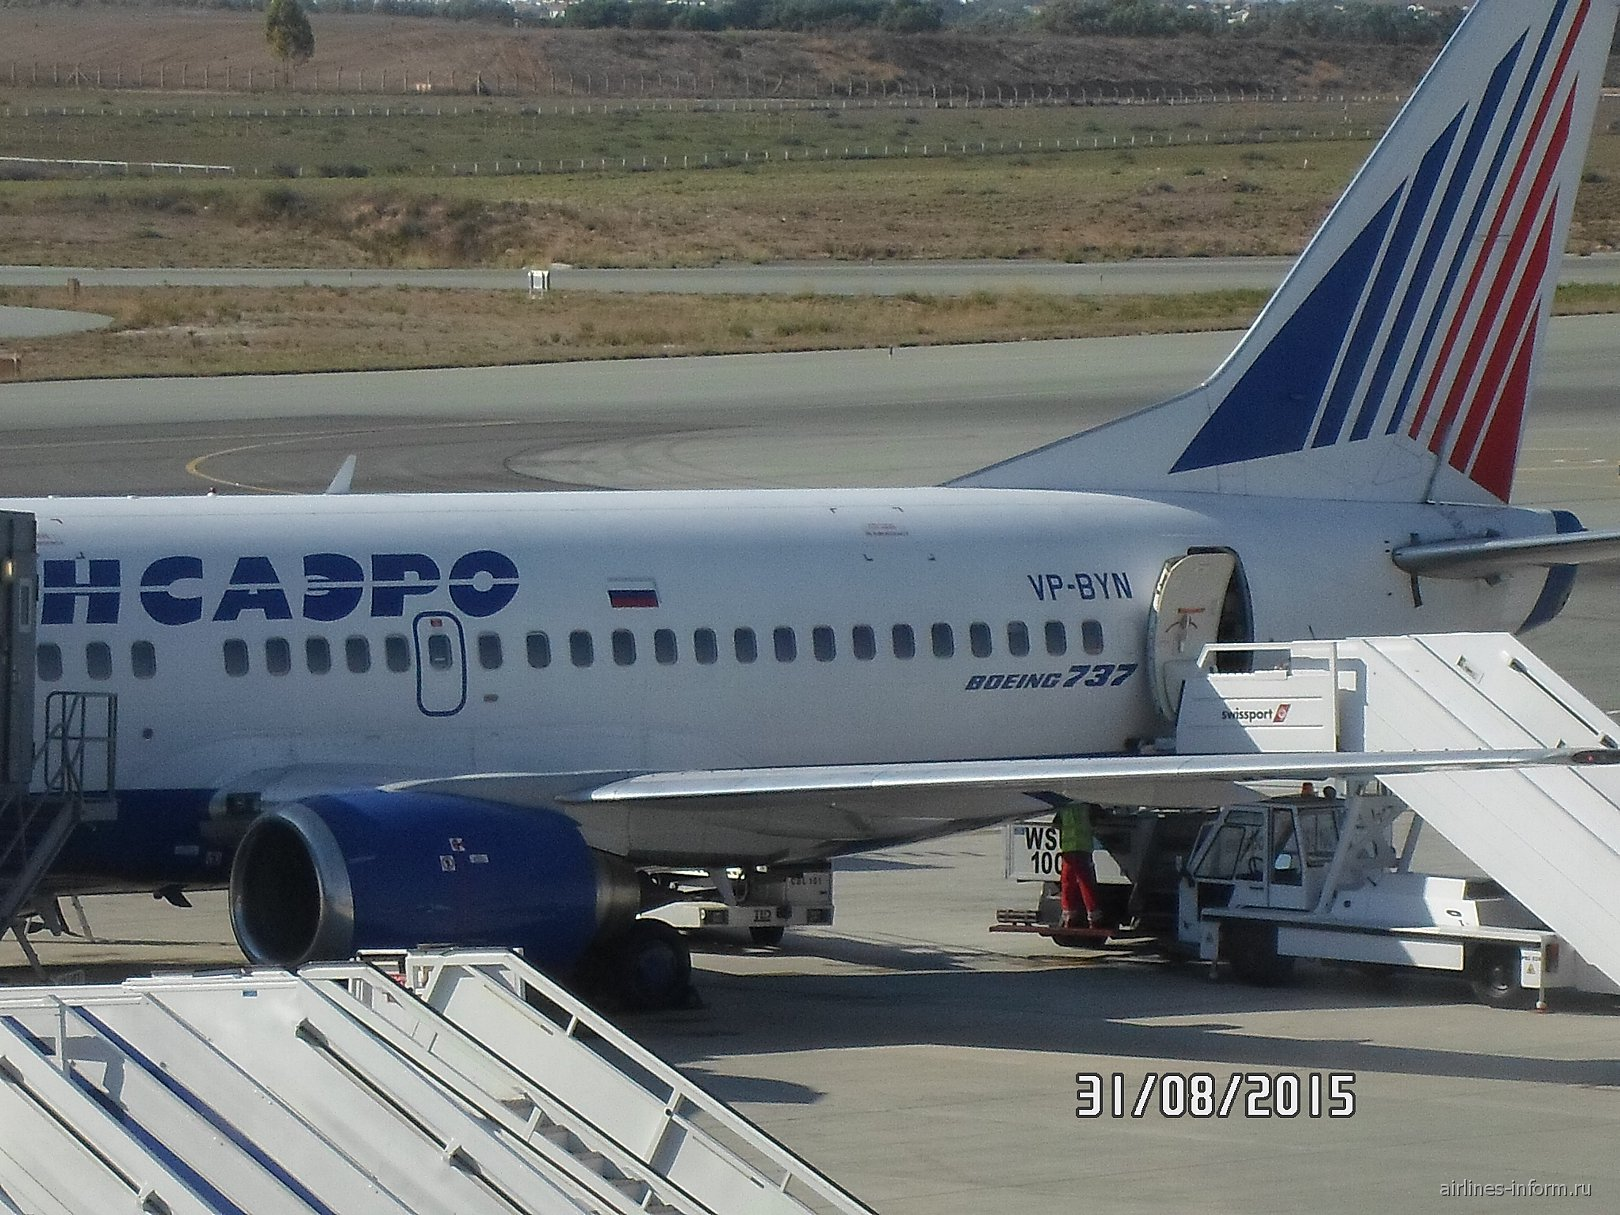 Вспоминая Трансаэро. Или Ларнака-Екатеринбург на Boeing 737-500